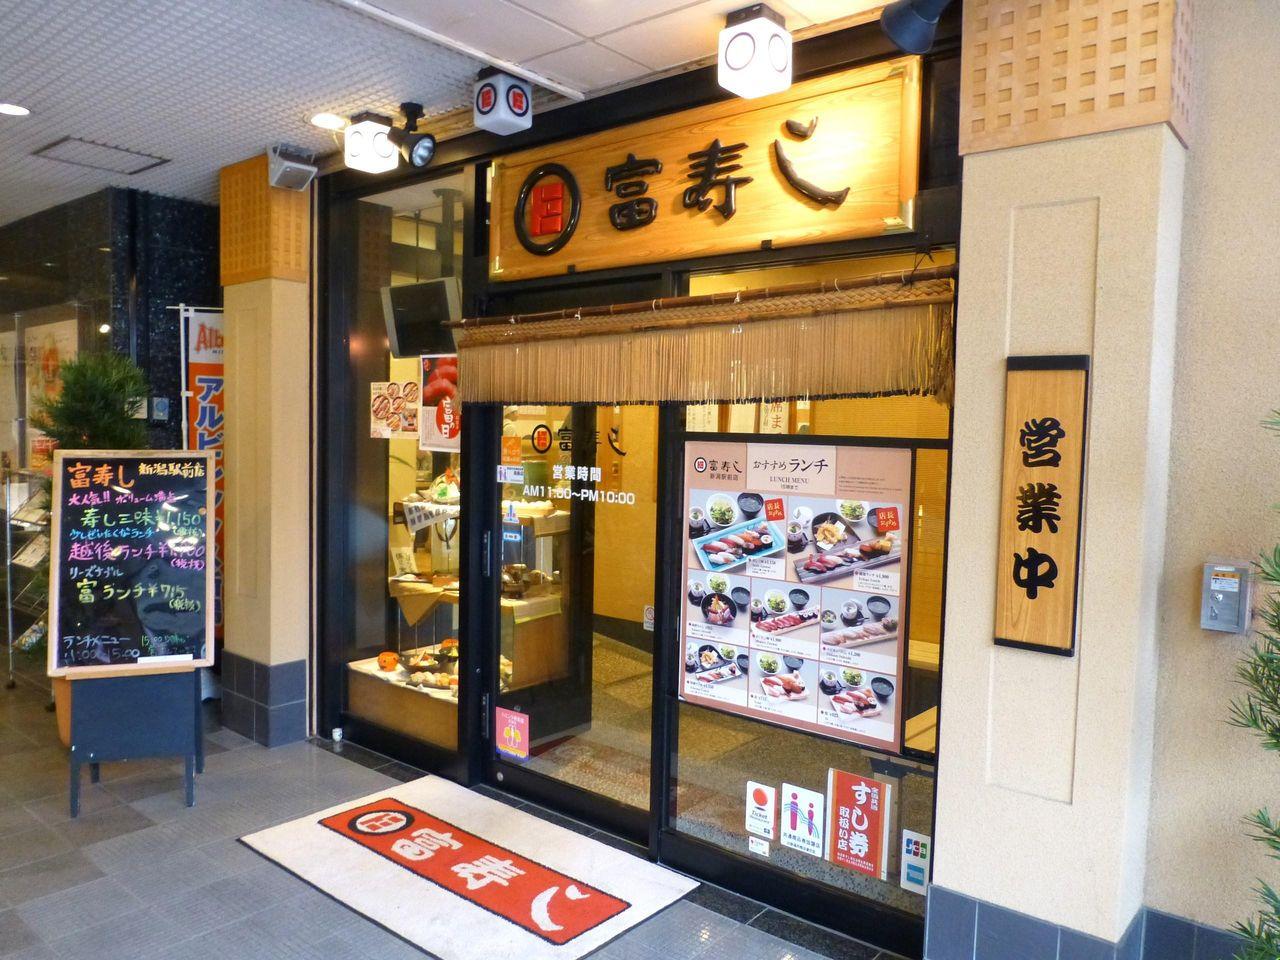 新潟駅から近く、ランチも営業、使い勝手が良いです!